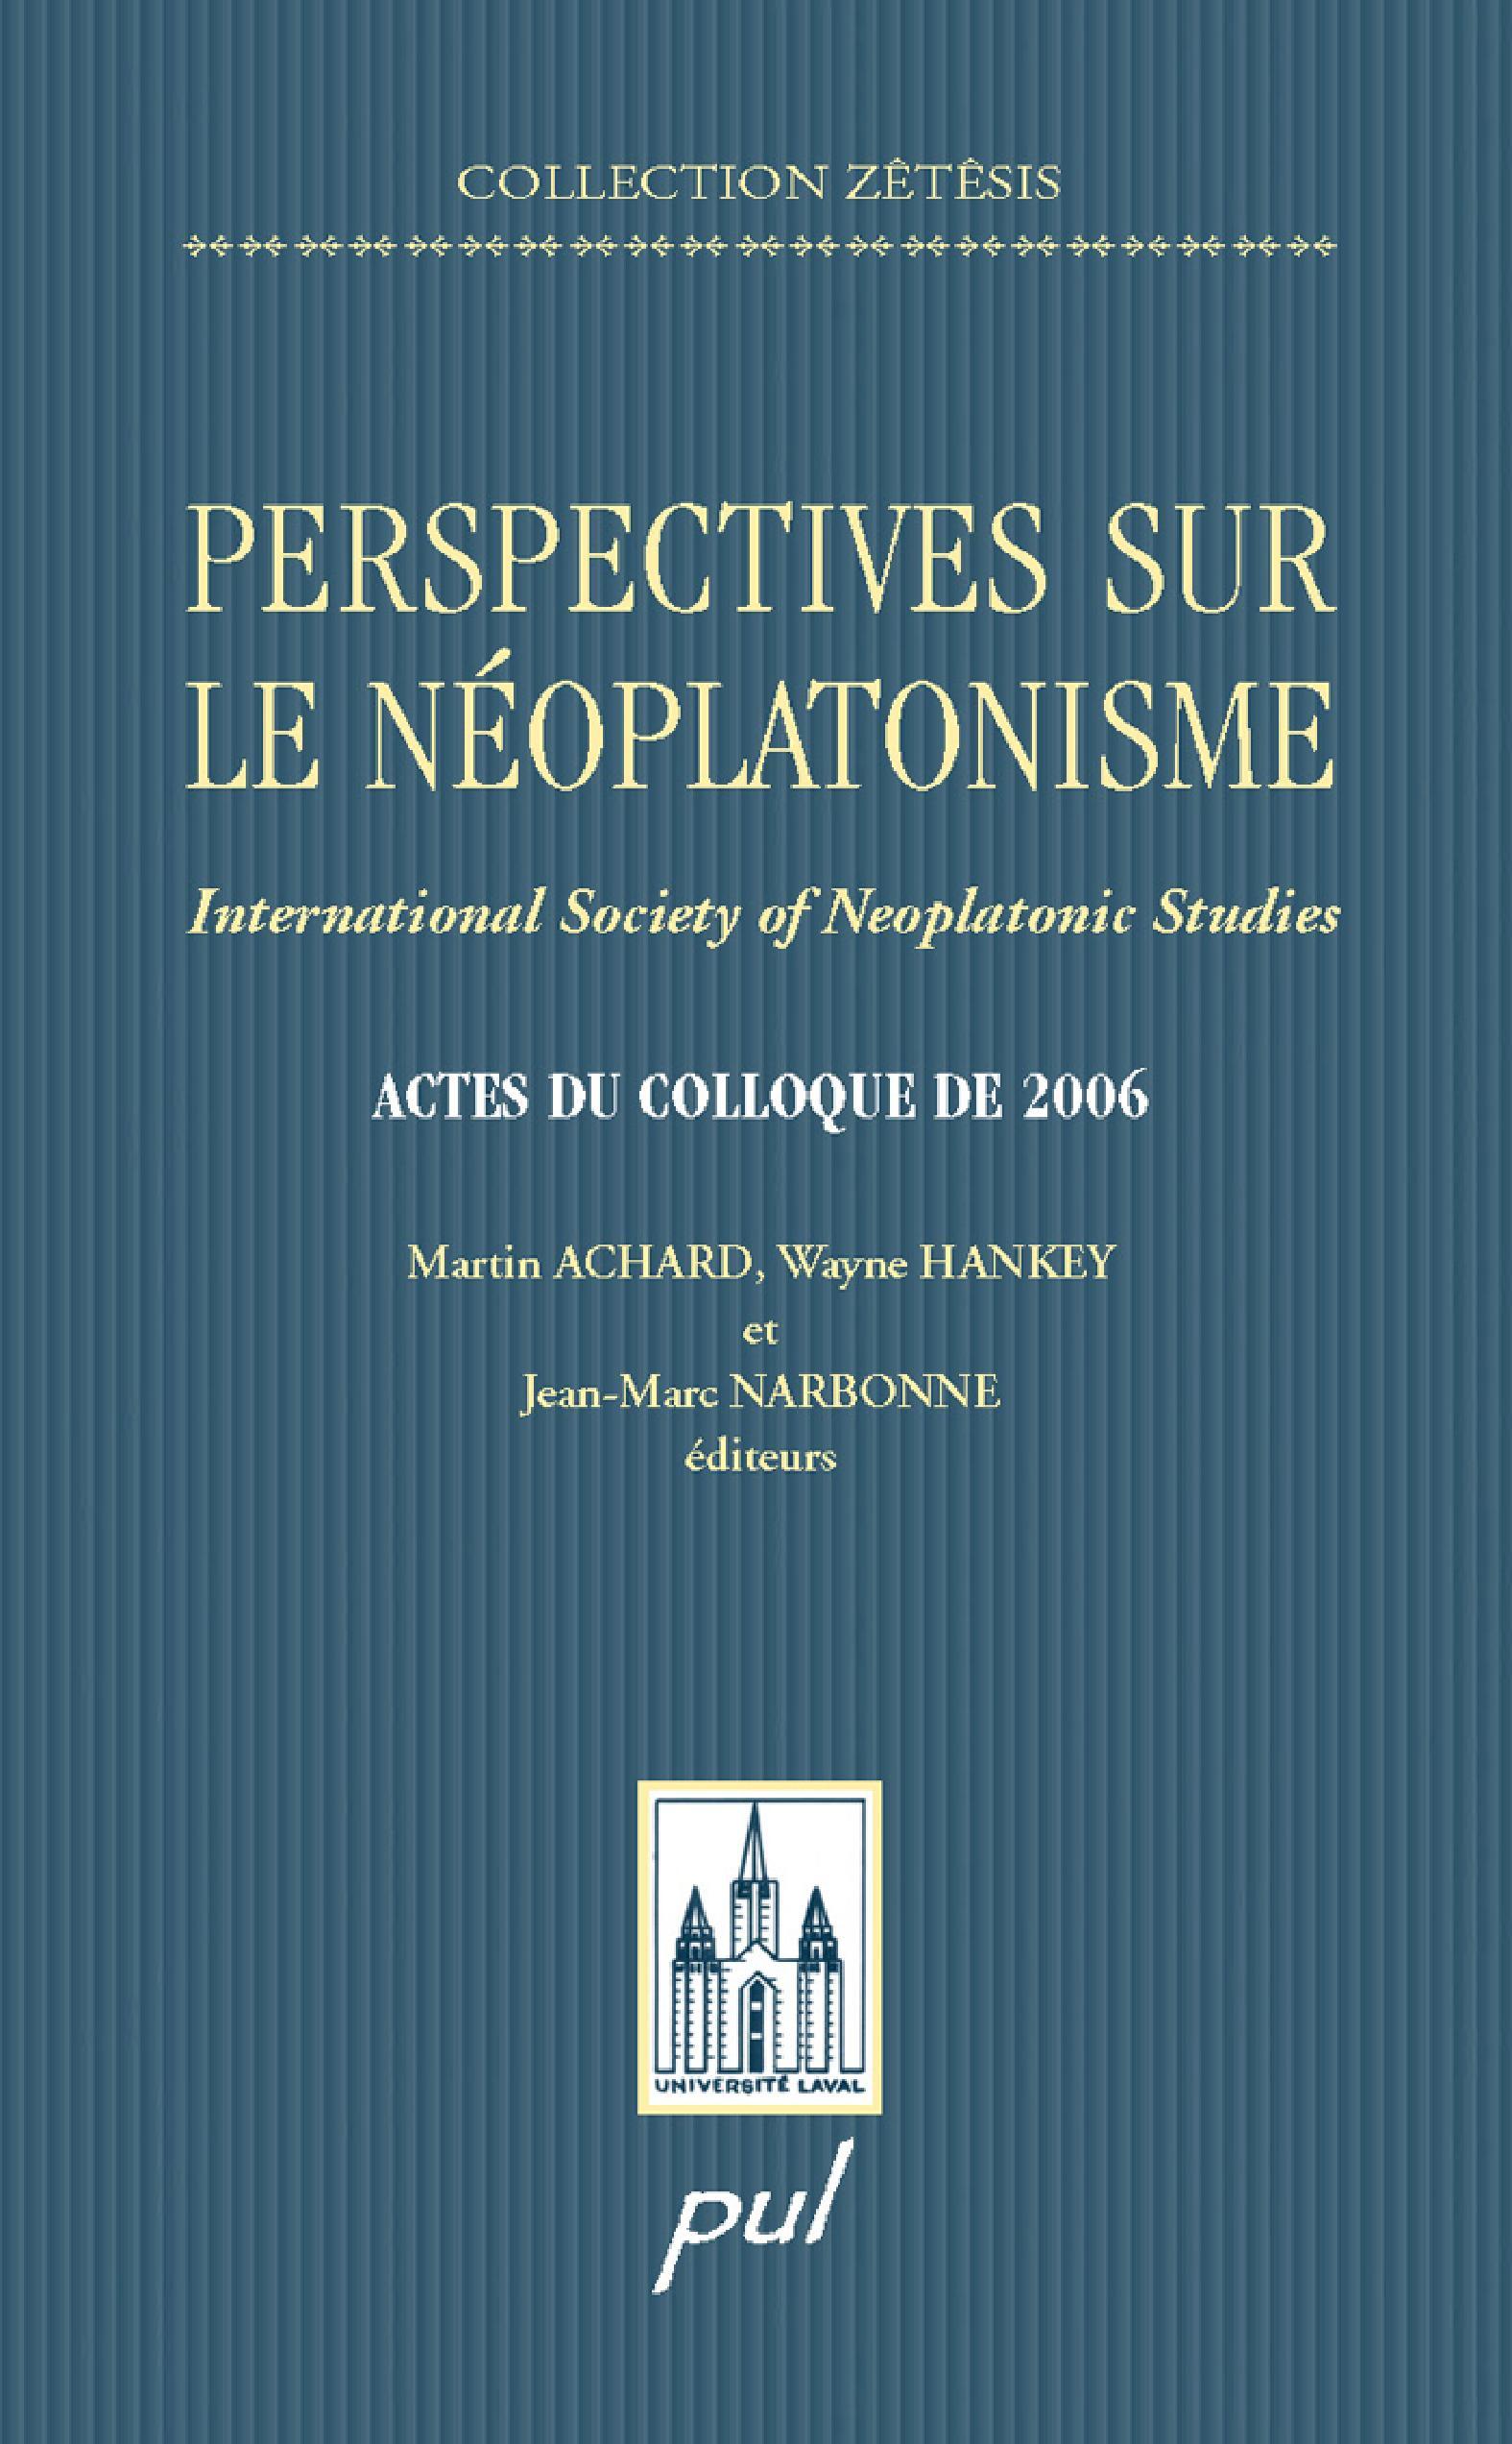 Perspectives sur le néoplatonisme